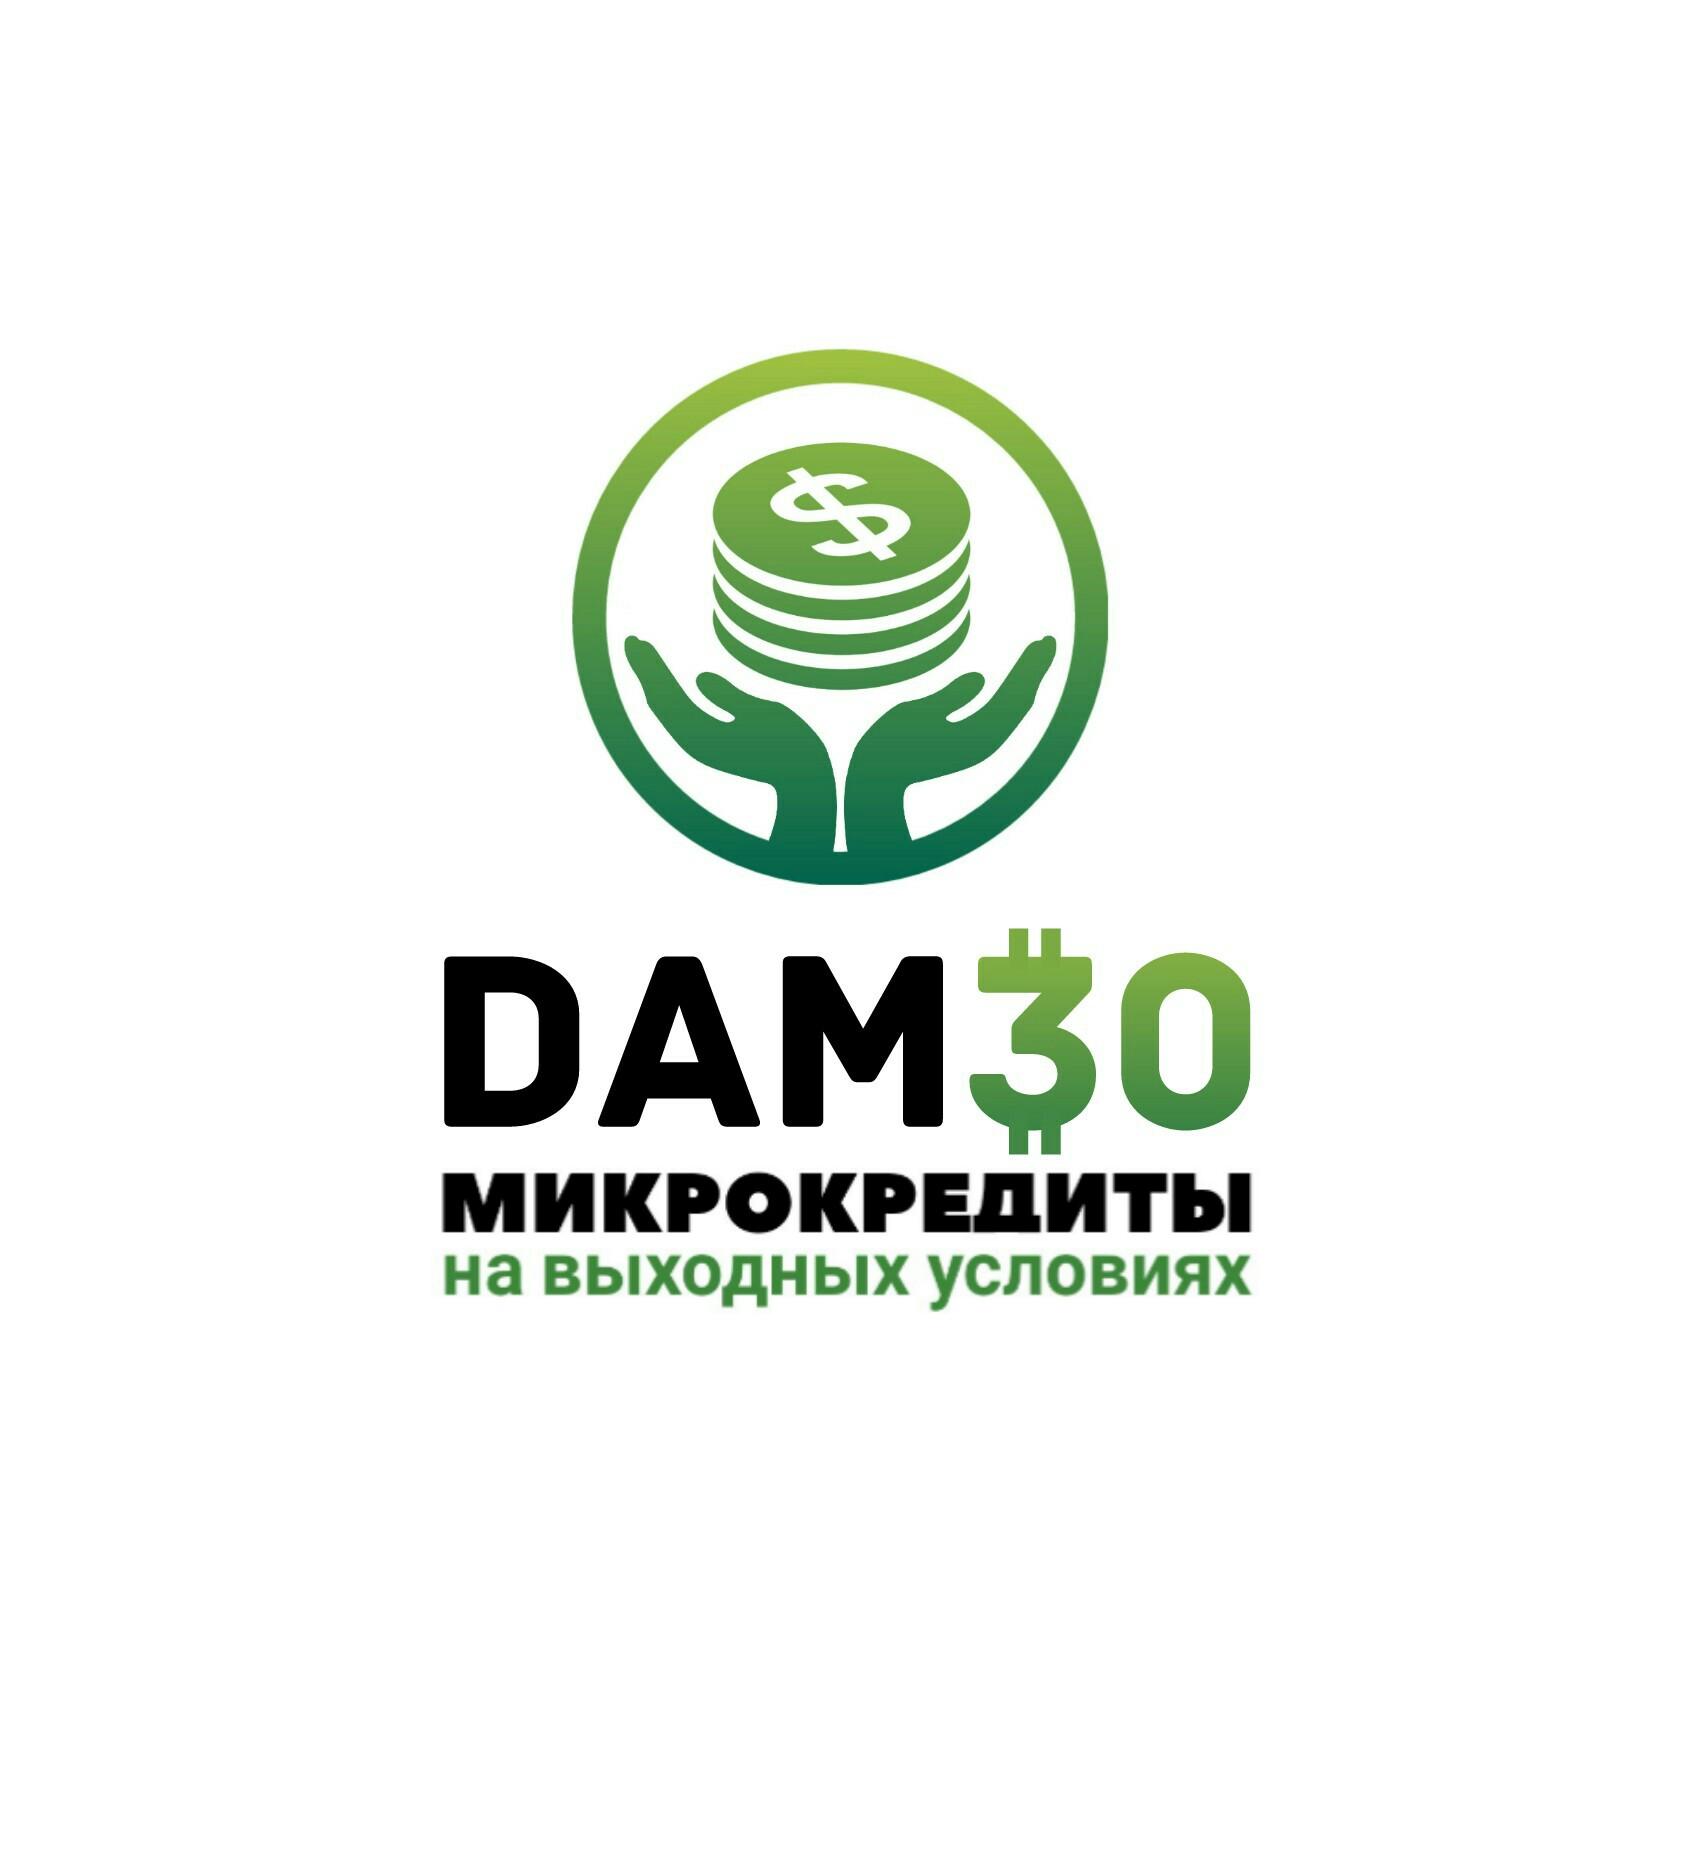 Логотип для микрокредитной, микрофинансовой компании фото f_9025a2abeeb9e218.jpg